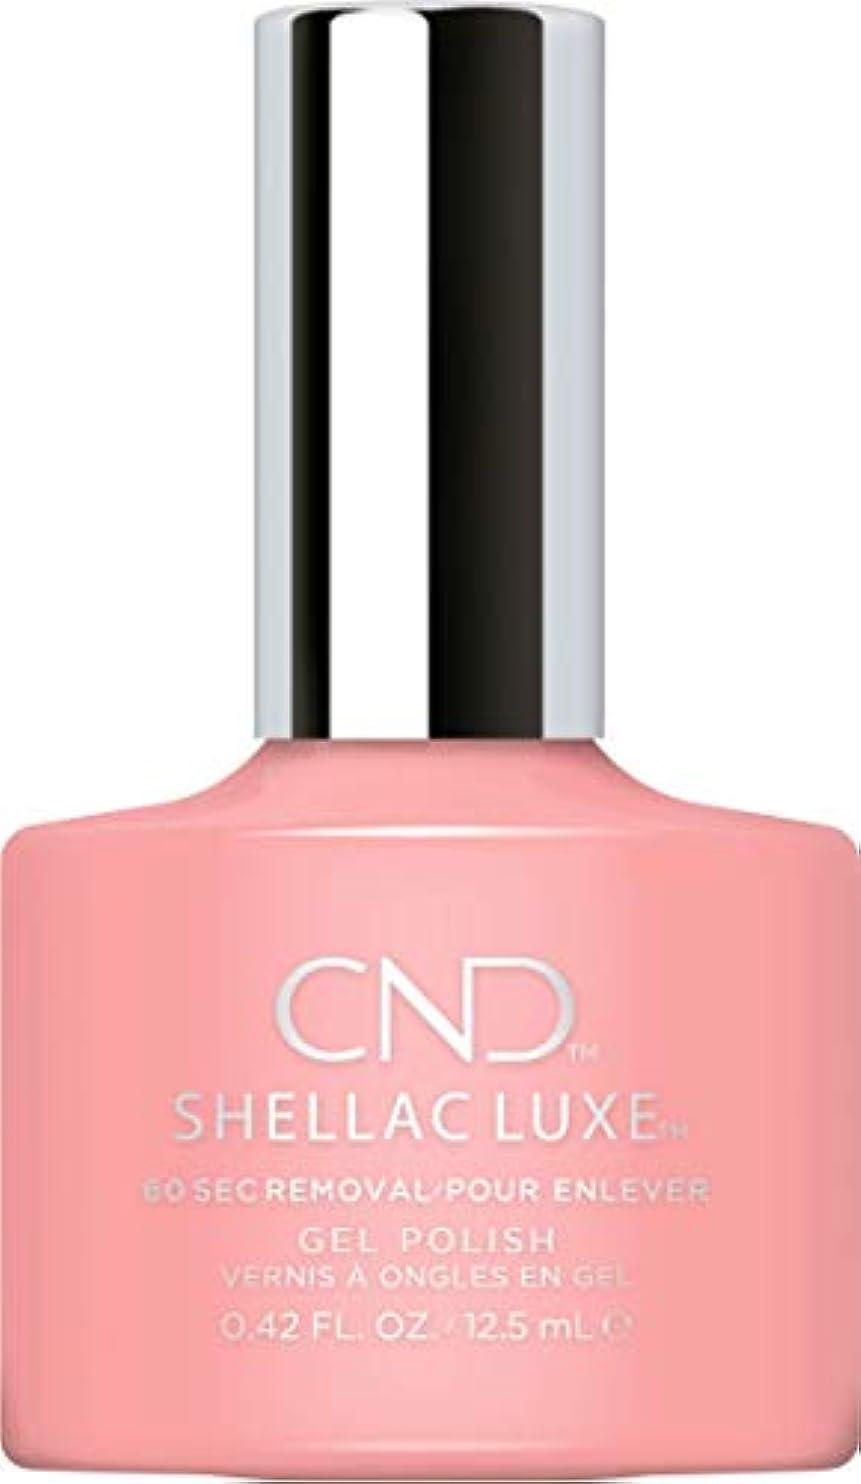 ガジュマル架空の旅行者CND Shellac Luxe - Pink Pusuit - 12.5 ml / 0.42 oz